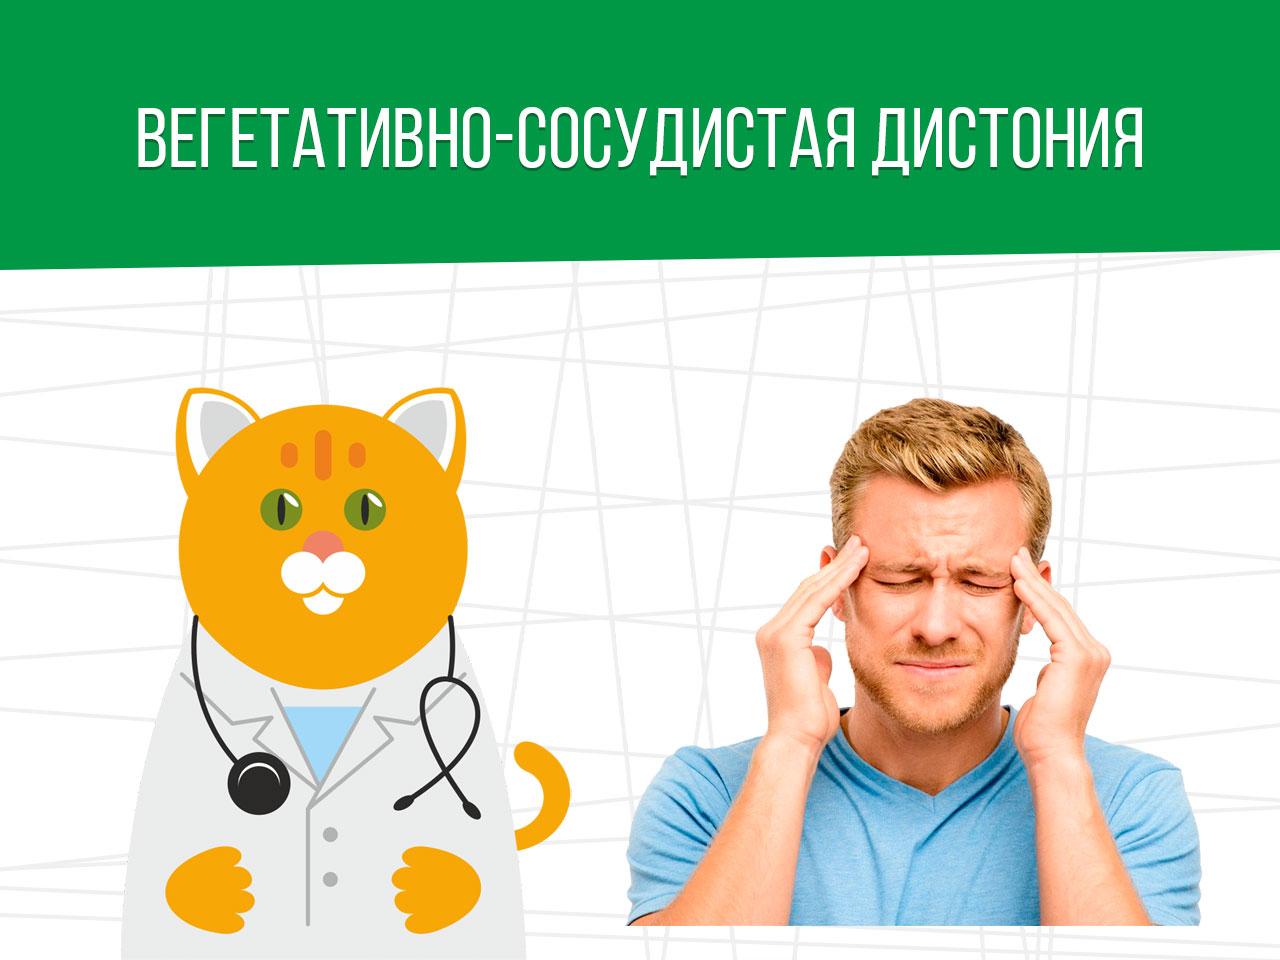 ВСД (вегетативно-сосудистая дистония): какая категория годности?